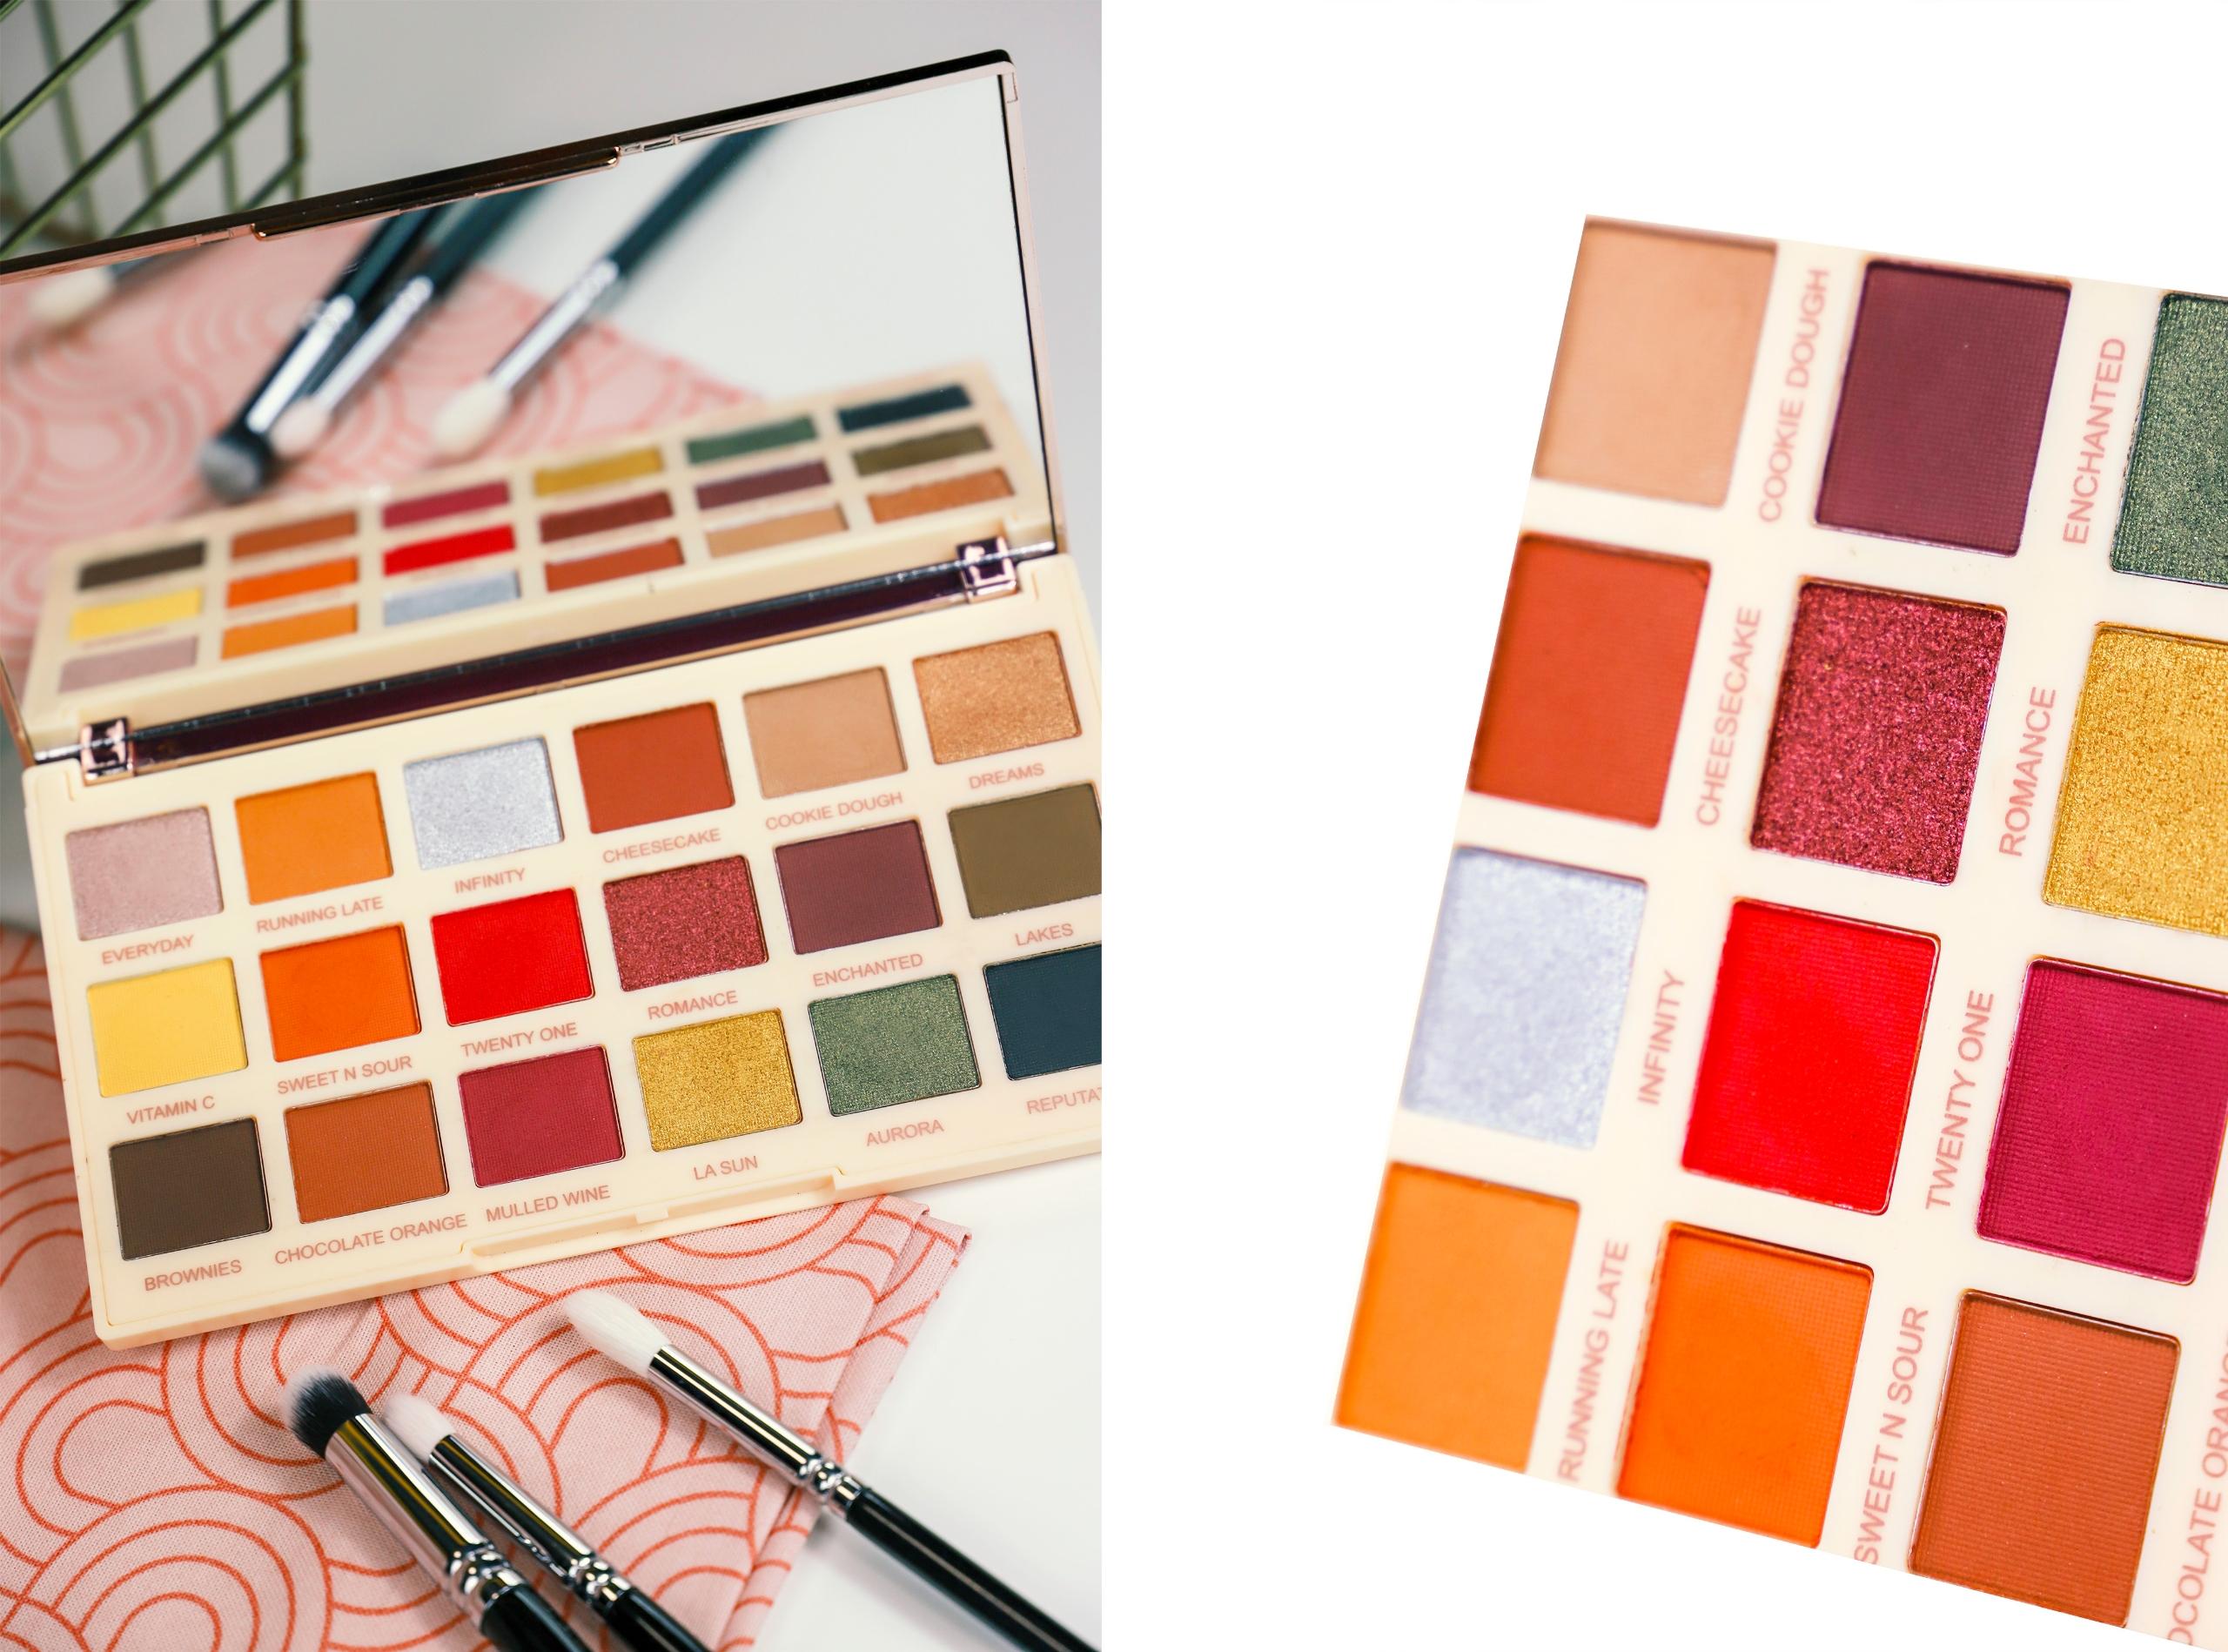 Obraz przedstawia dwa zdjęcia palety kolorowych cieni do powiek.